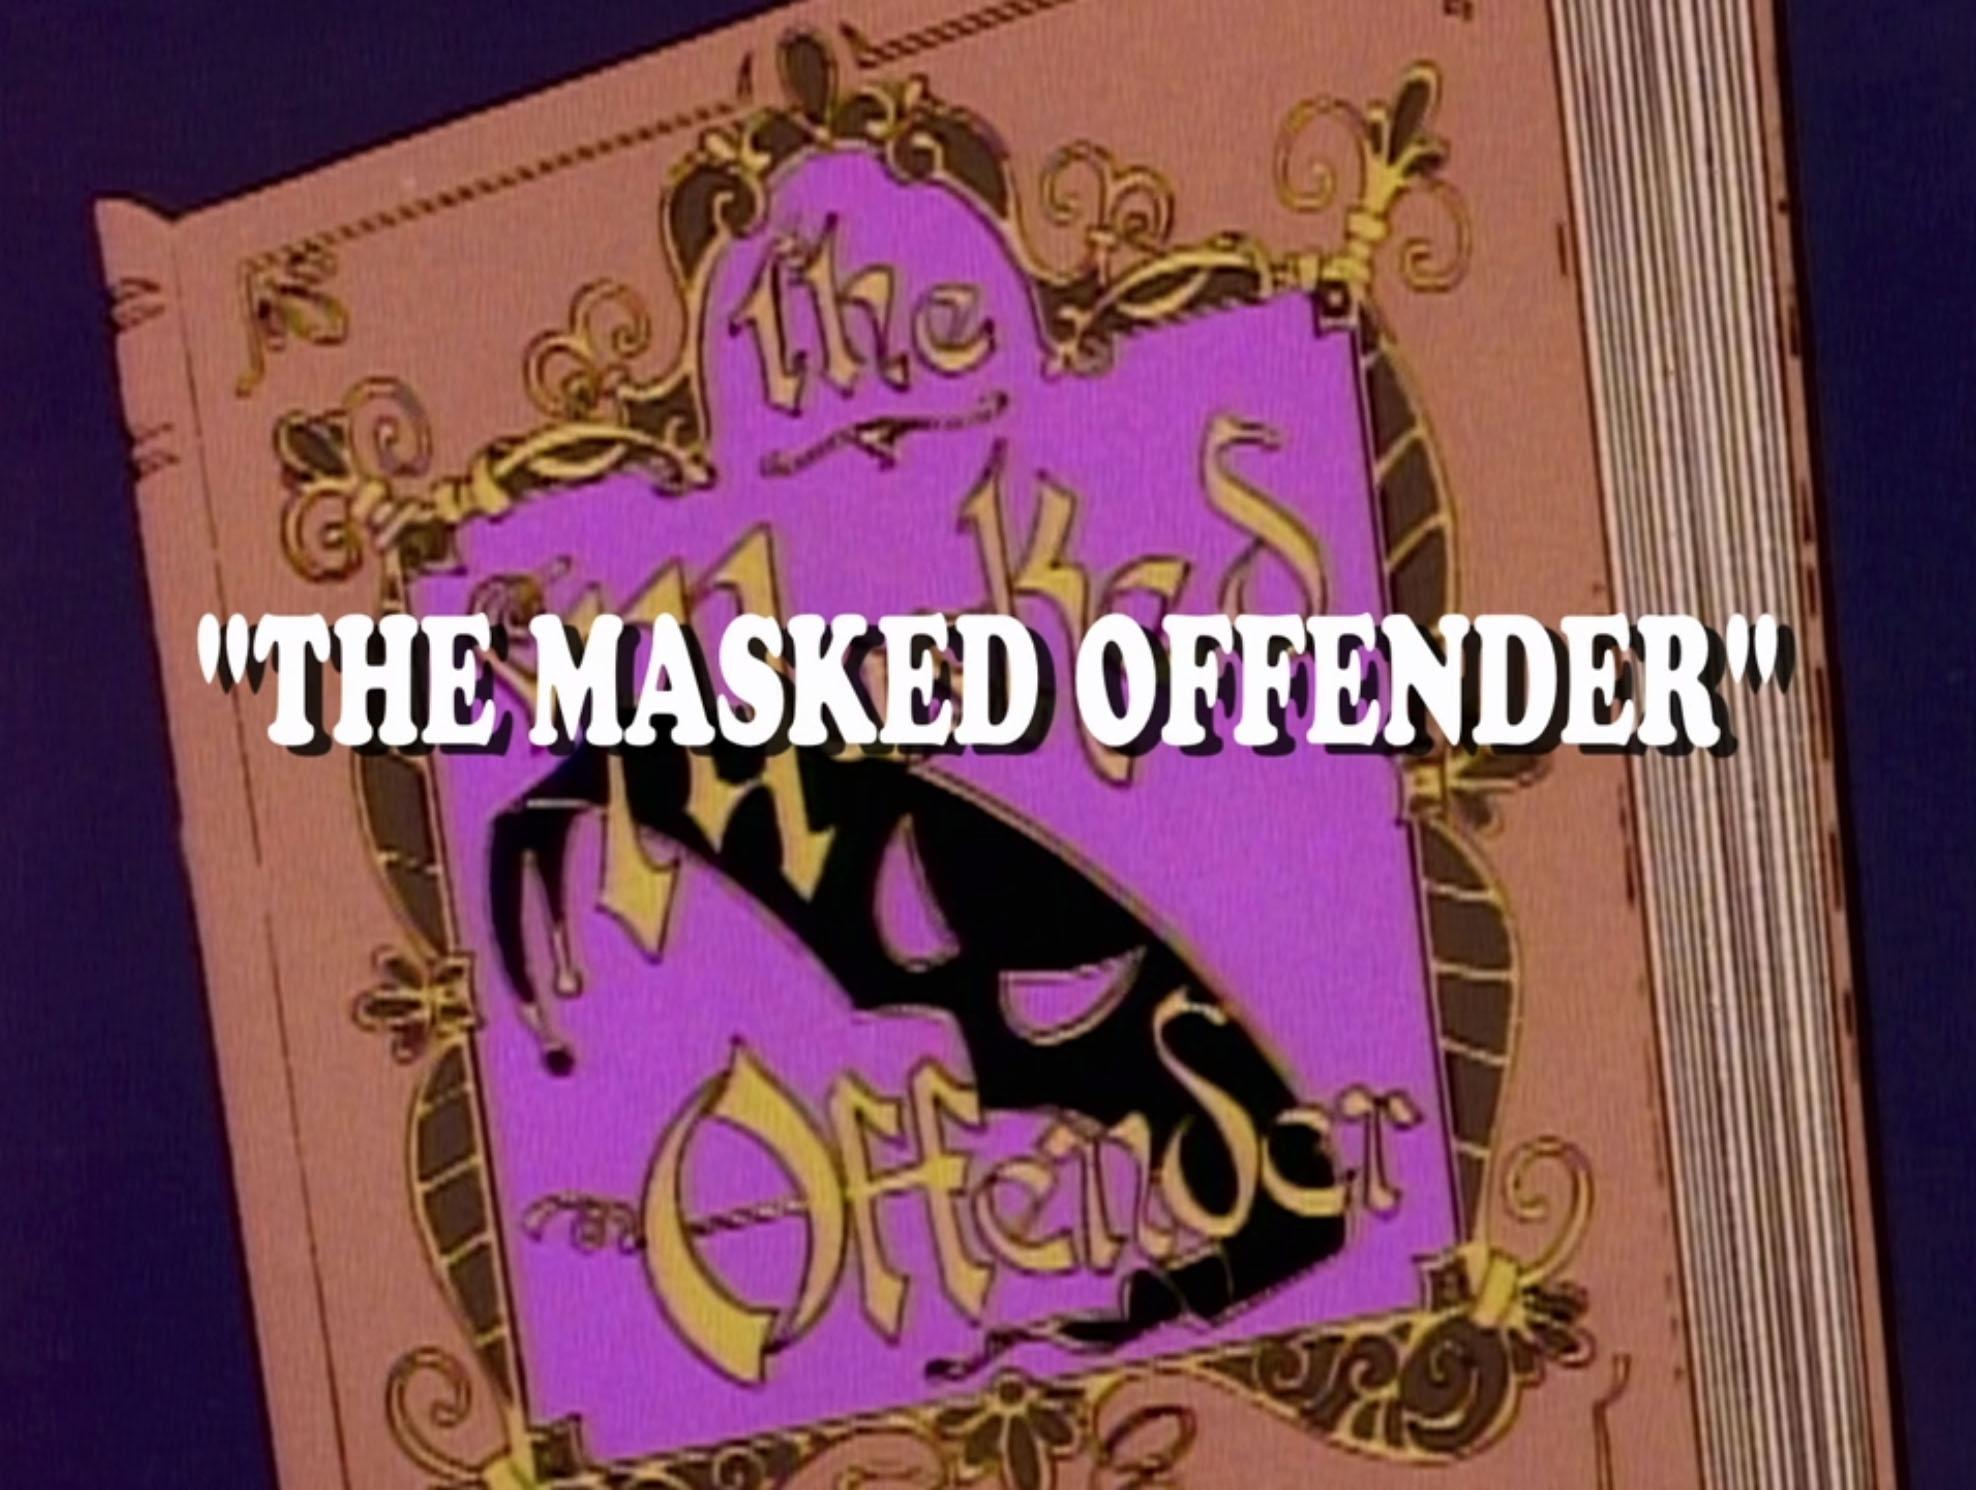 File:The Masked Offender.jpg